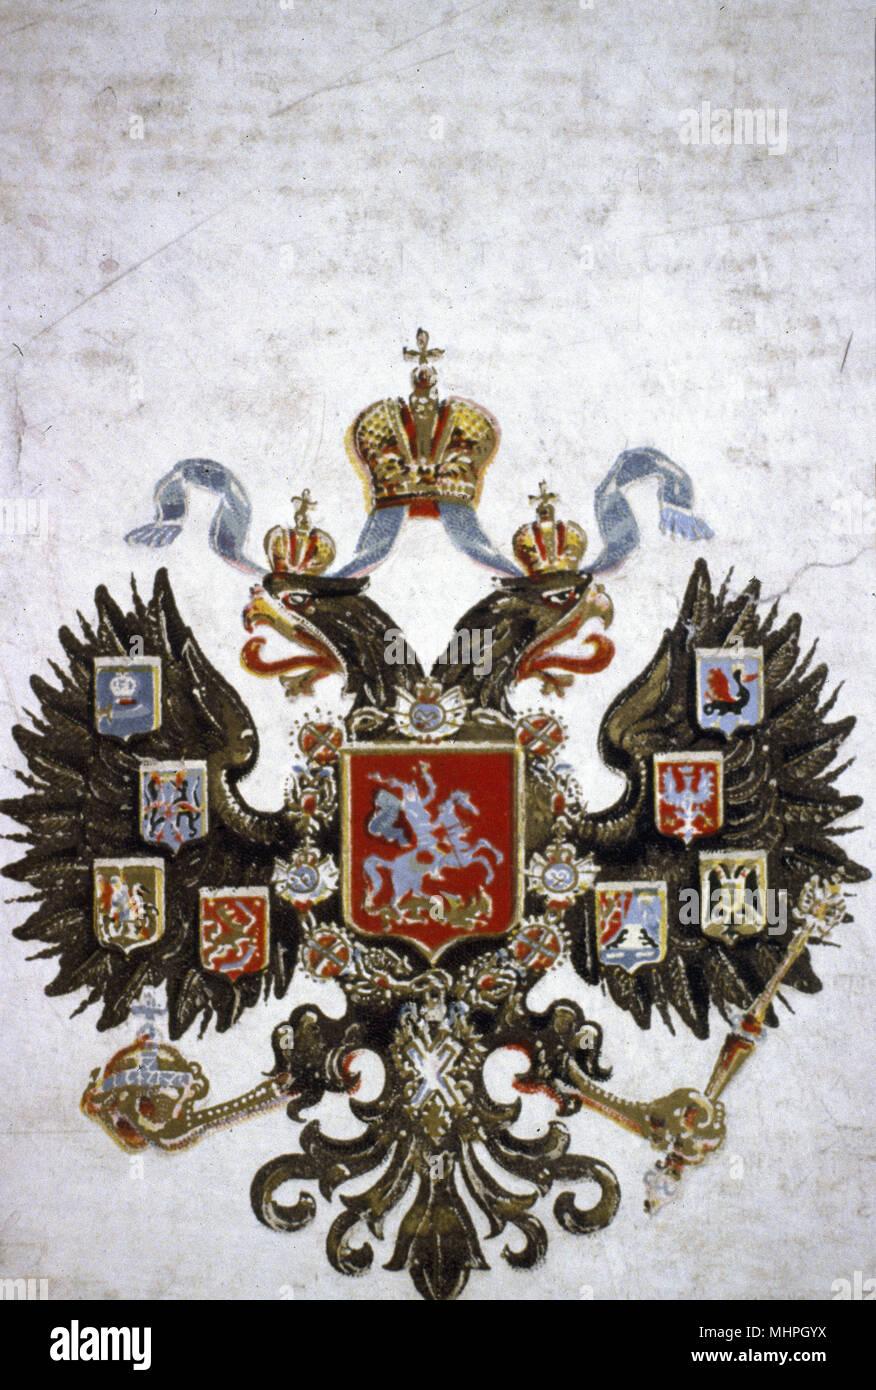 Die Imperialen Russischen Wappen (Romanov Familie), Ein Doppelköpfiger Adler  Mit Drei Kronen,